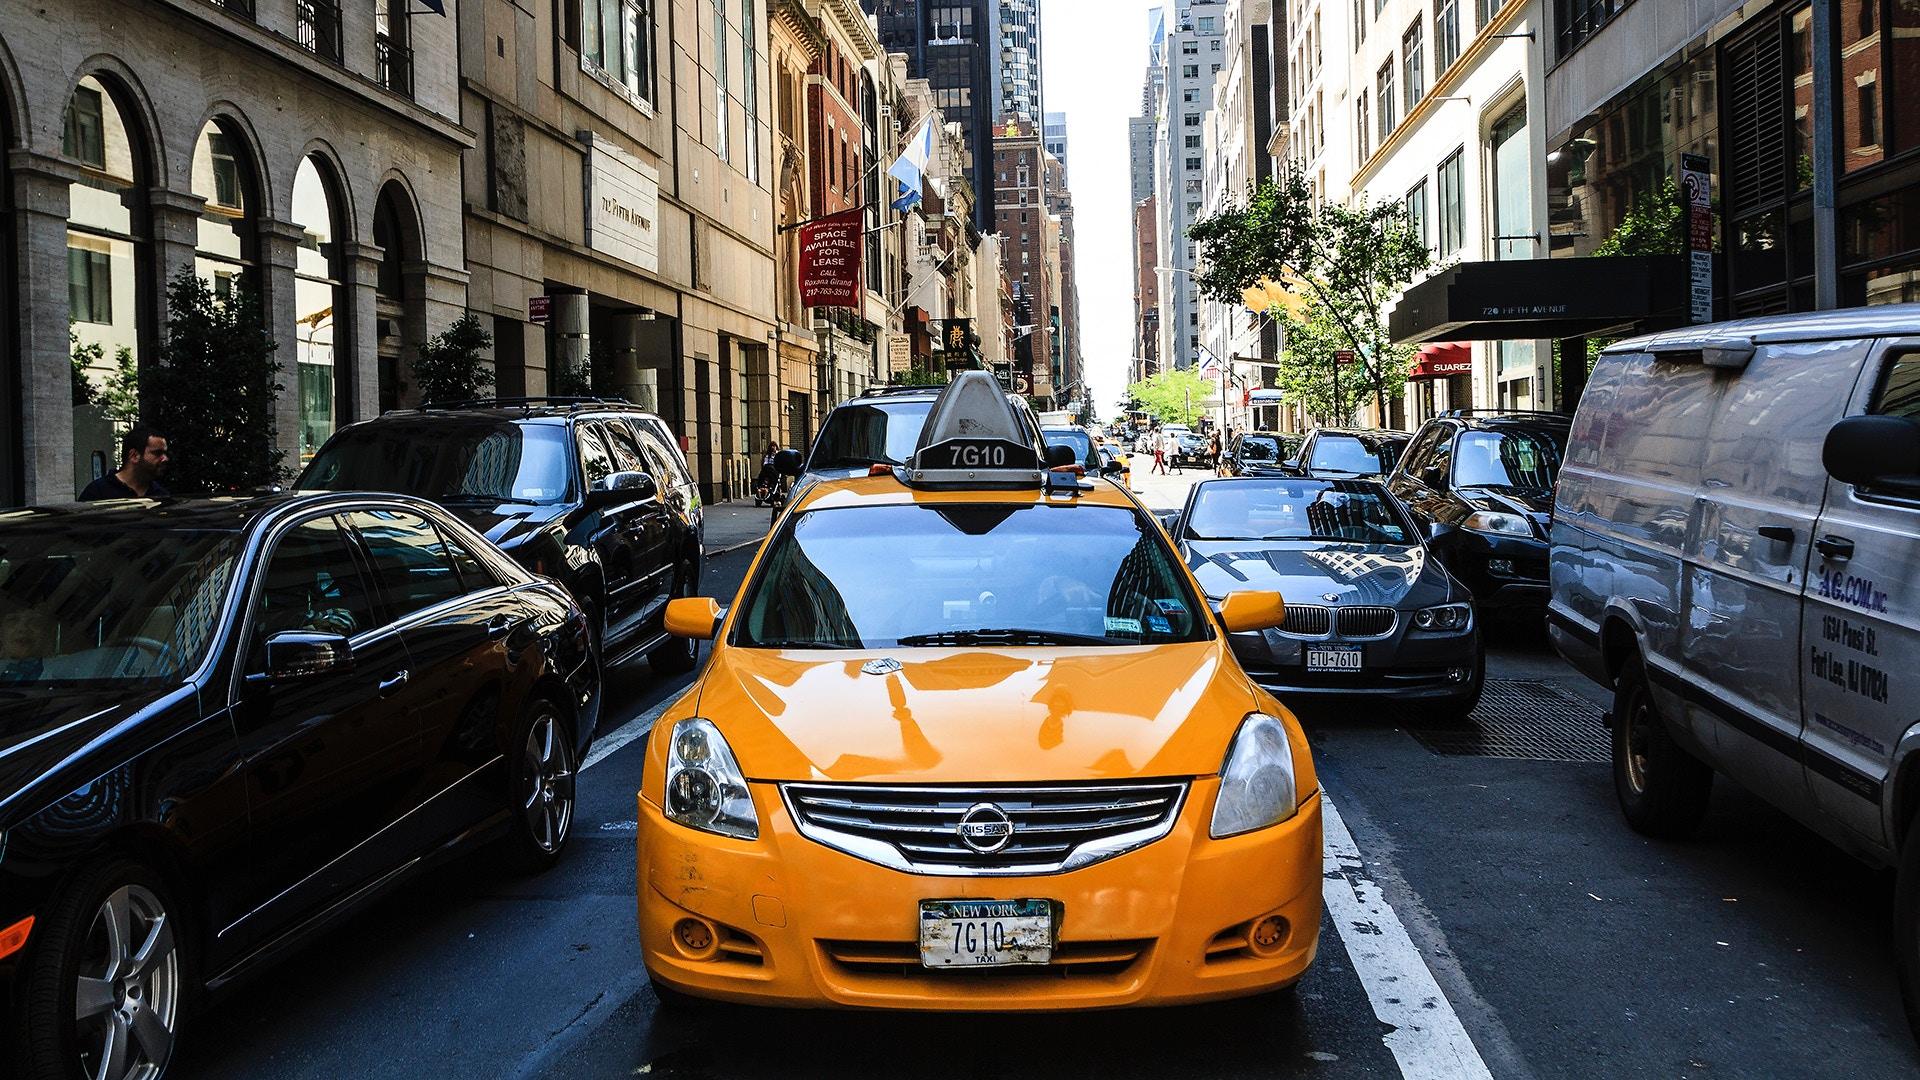 Google Maps aiuterà ad evitare il traffico. In fase di test per USA e Inghilterra